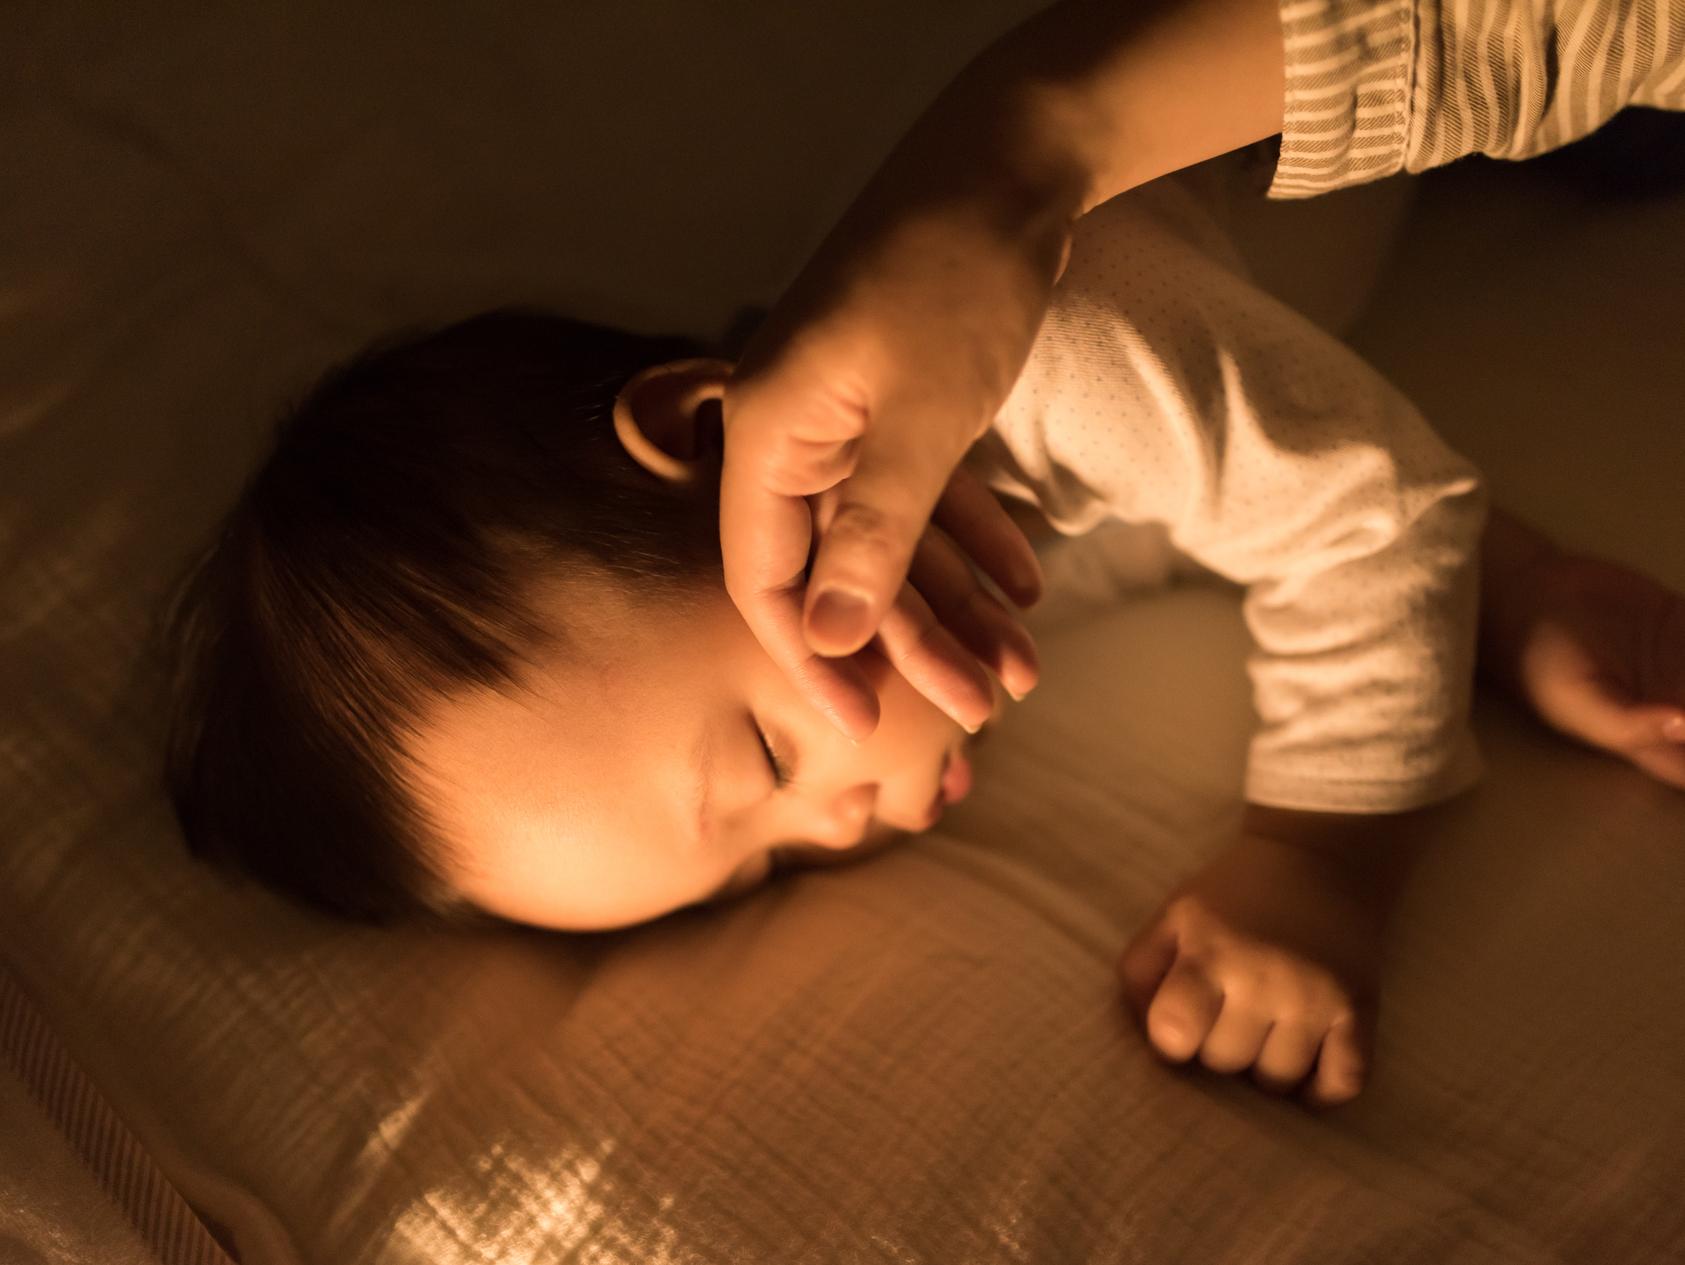 赤ちゃん風邪のときの過ごし方